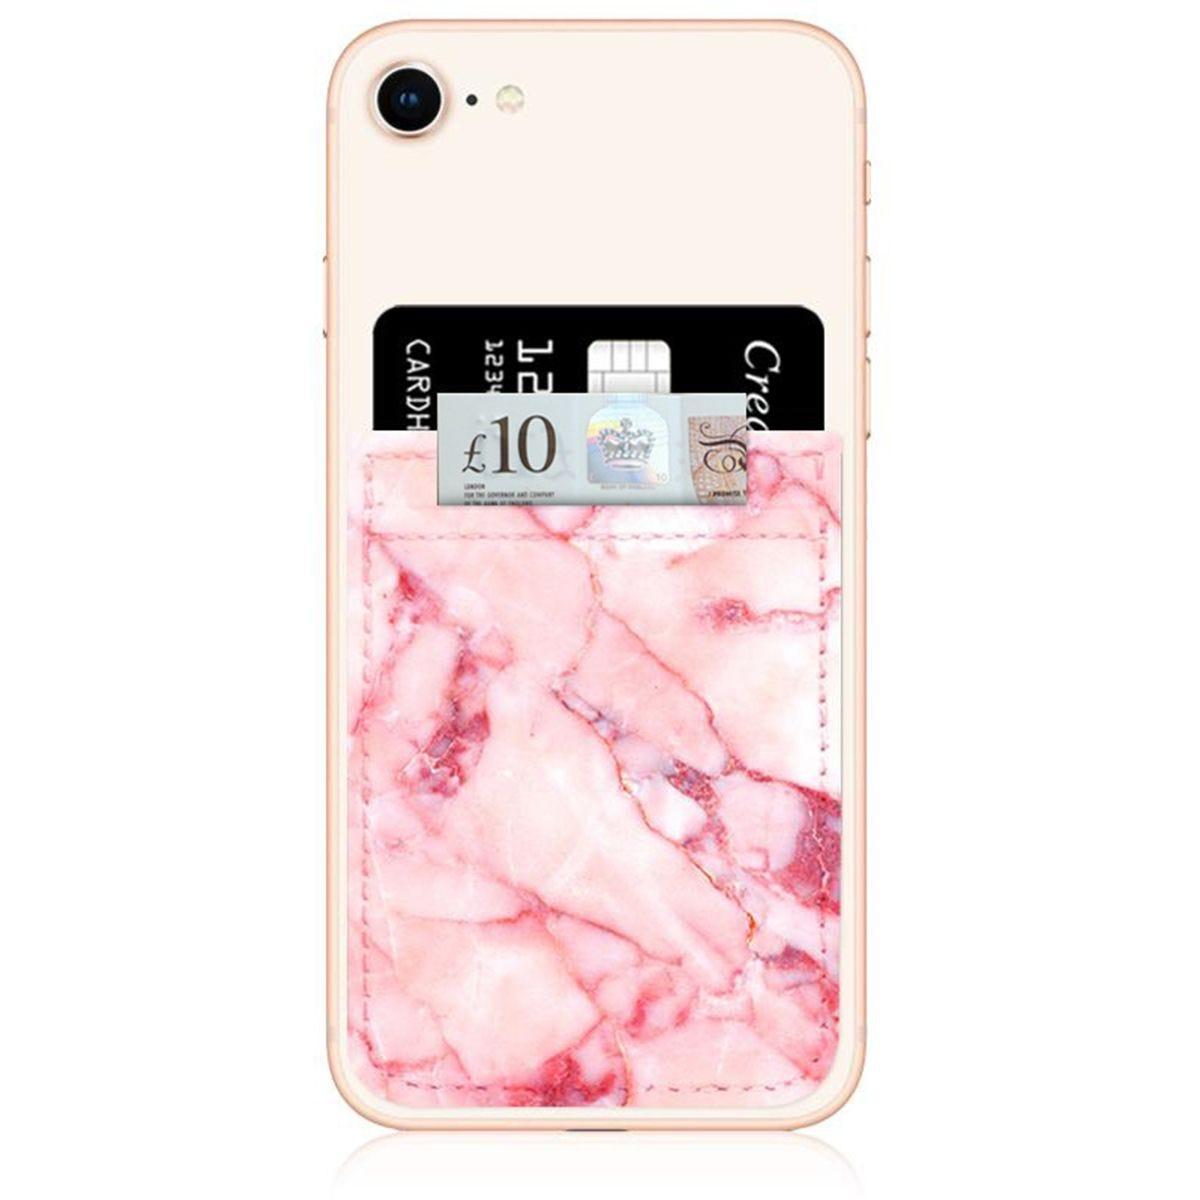 iDecoz Blush Marble Phone Pocket